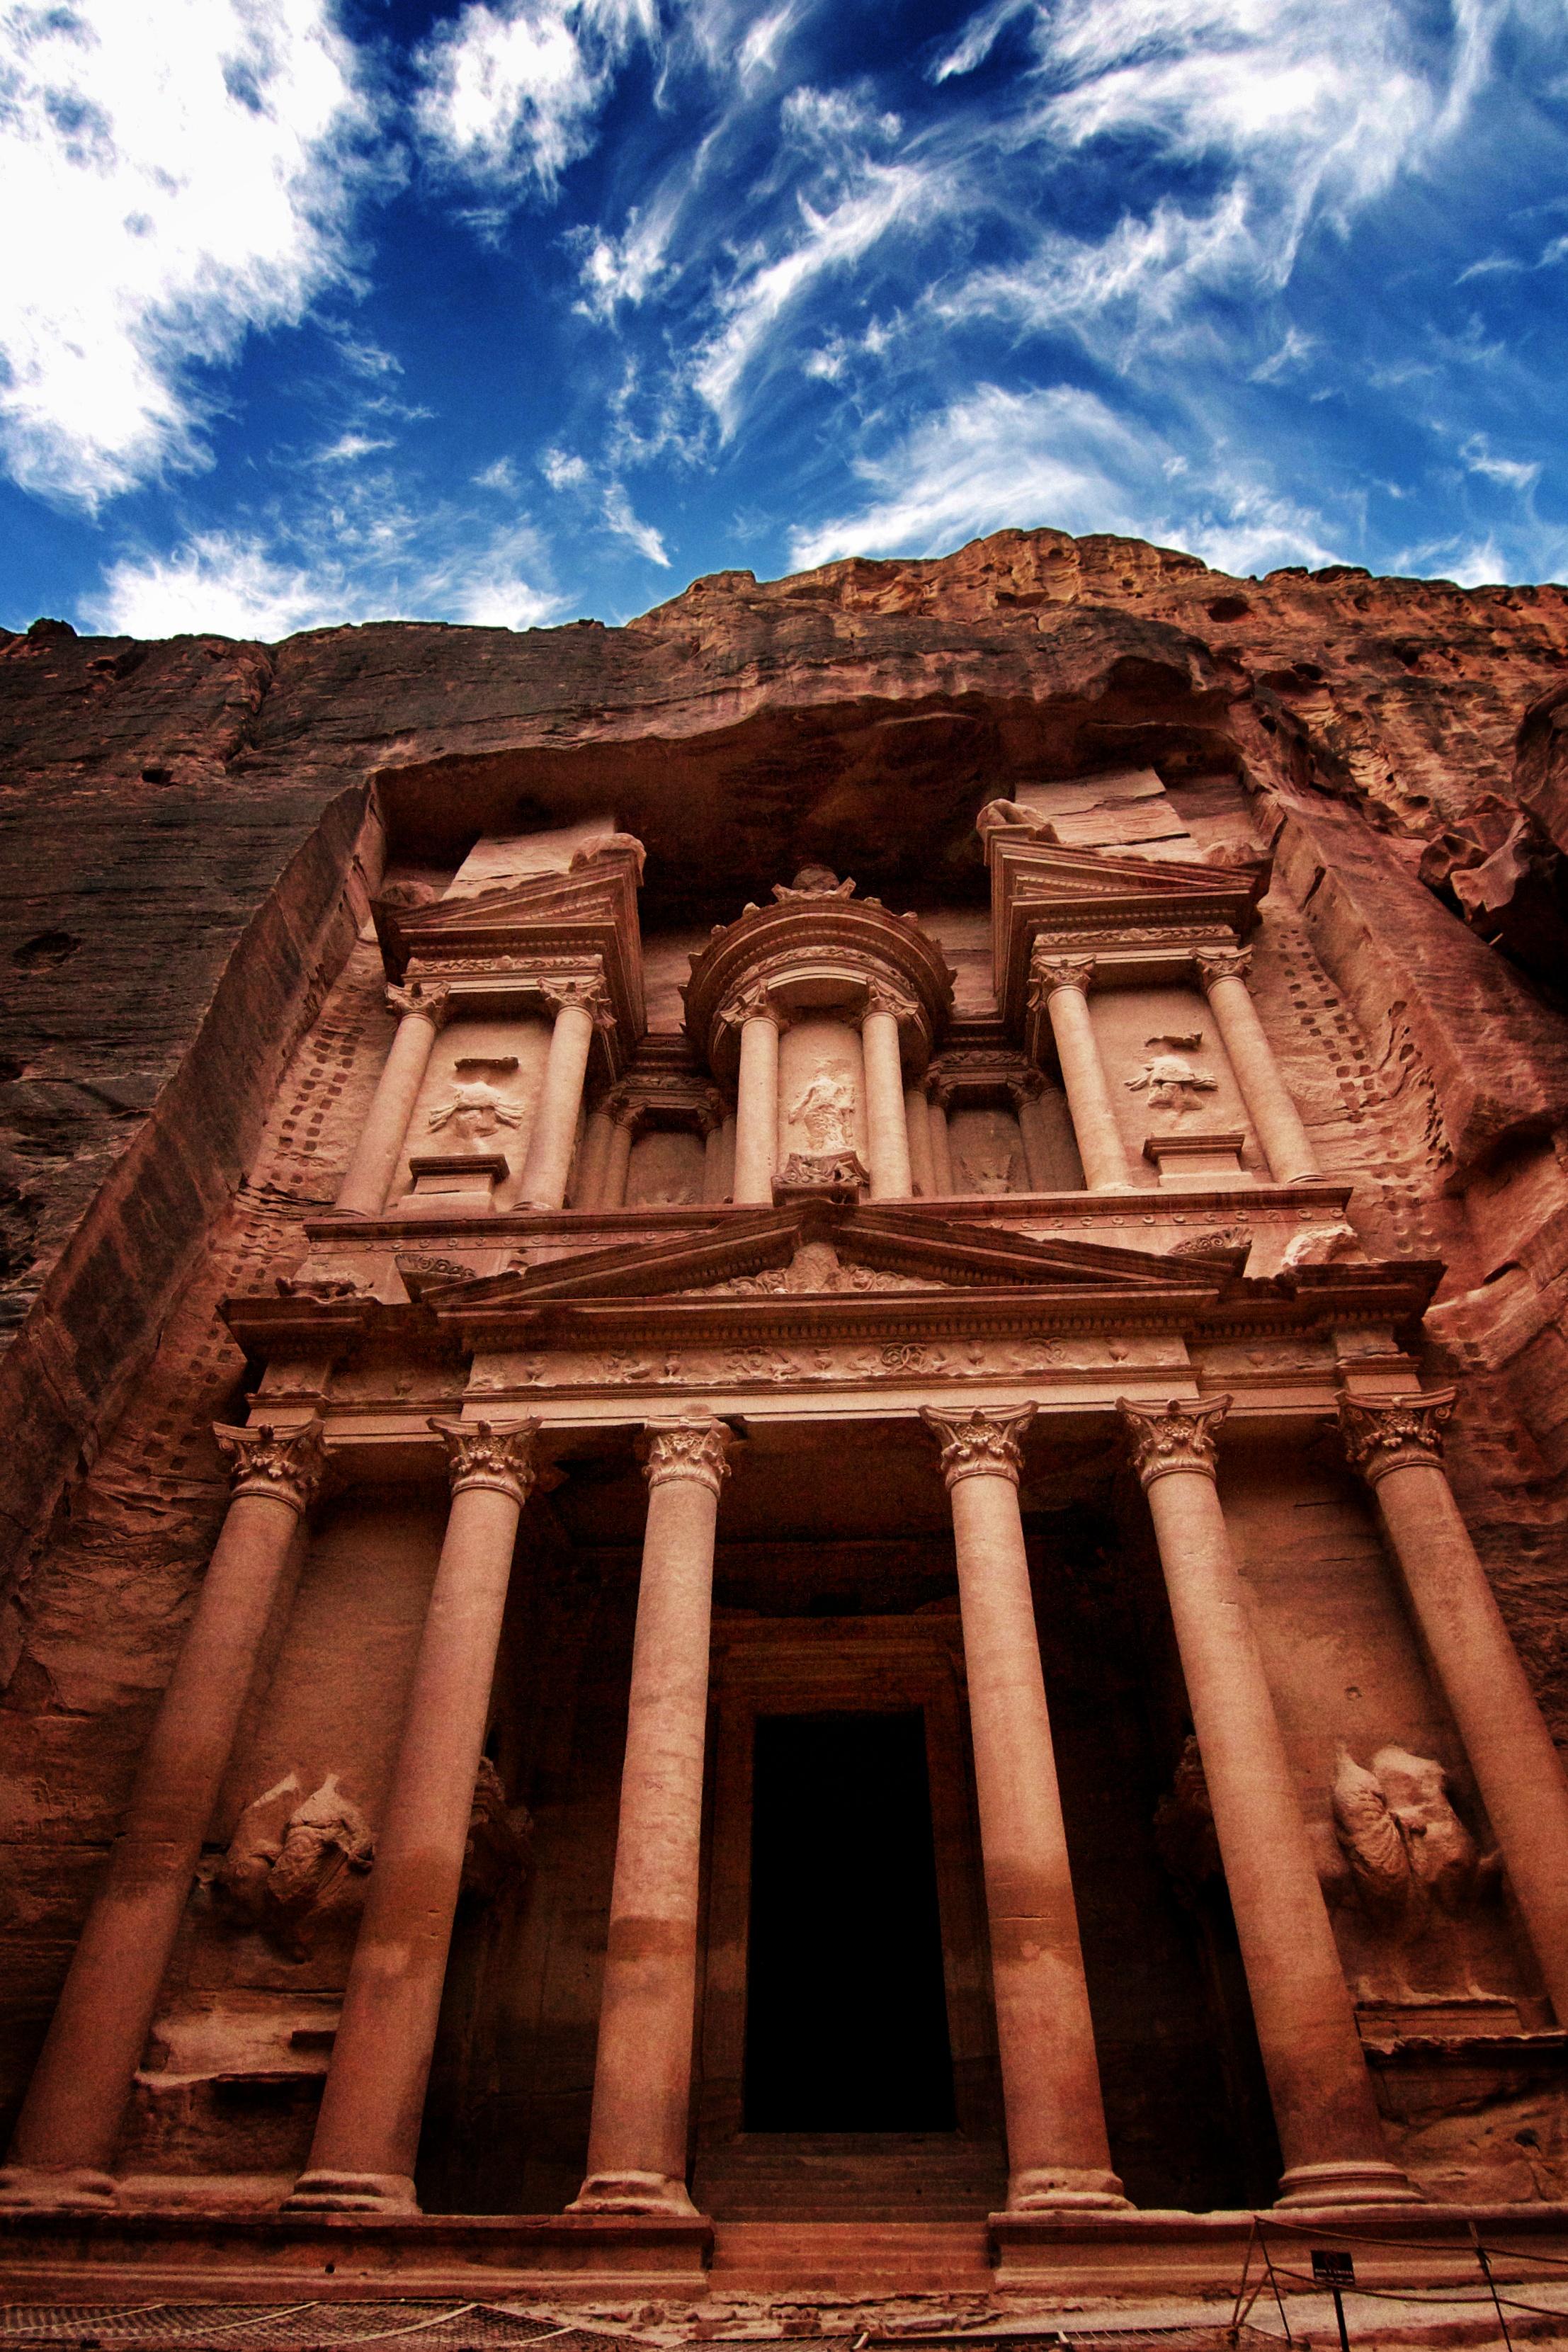 The Petra Treasury The Extraordinary Literary Historical